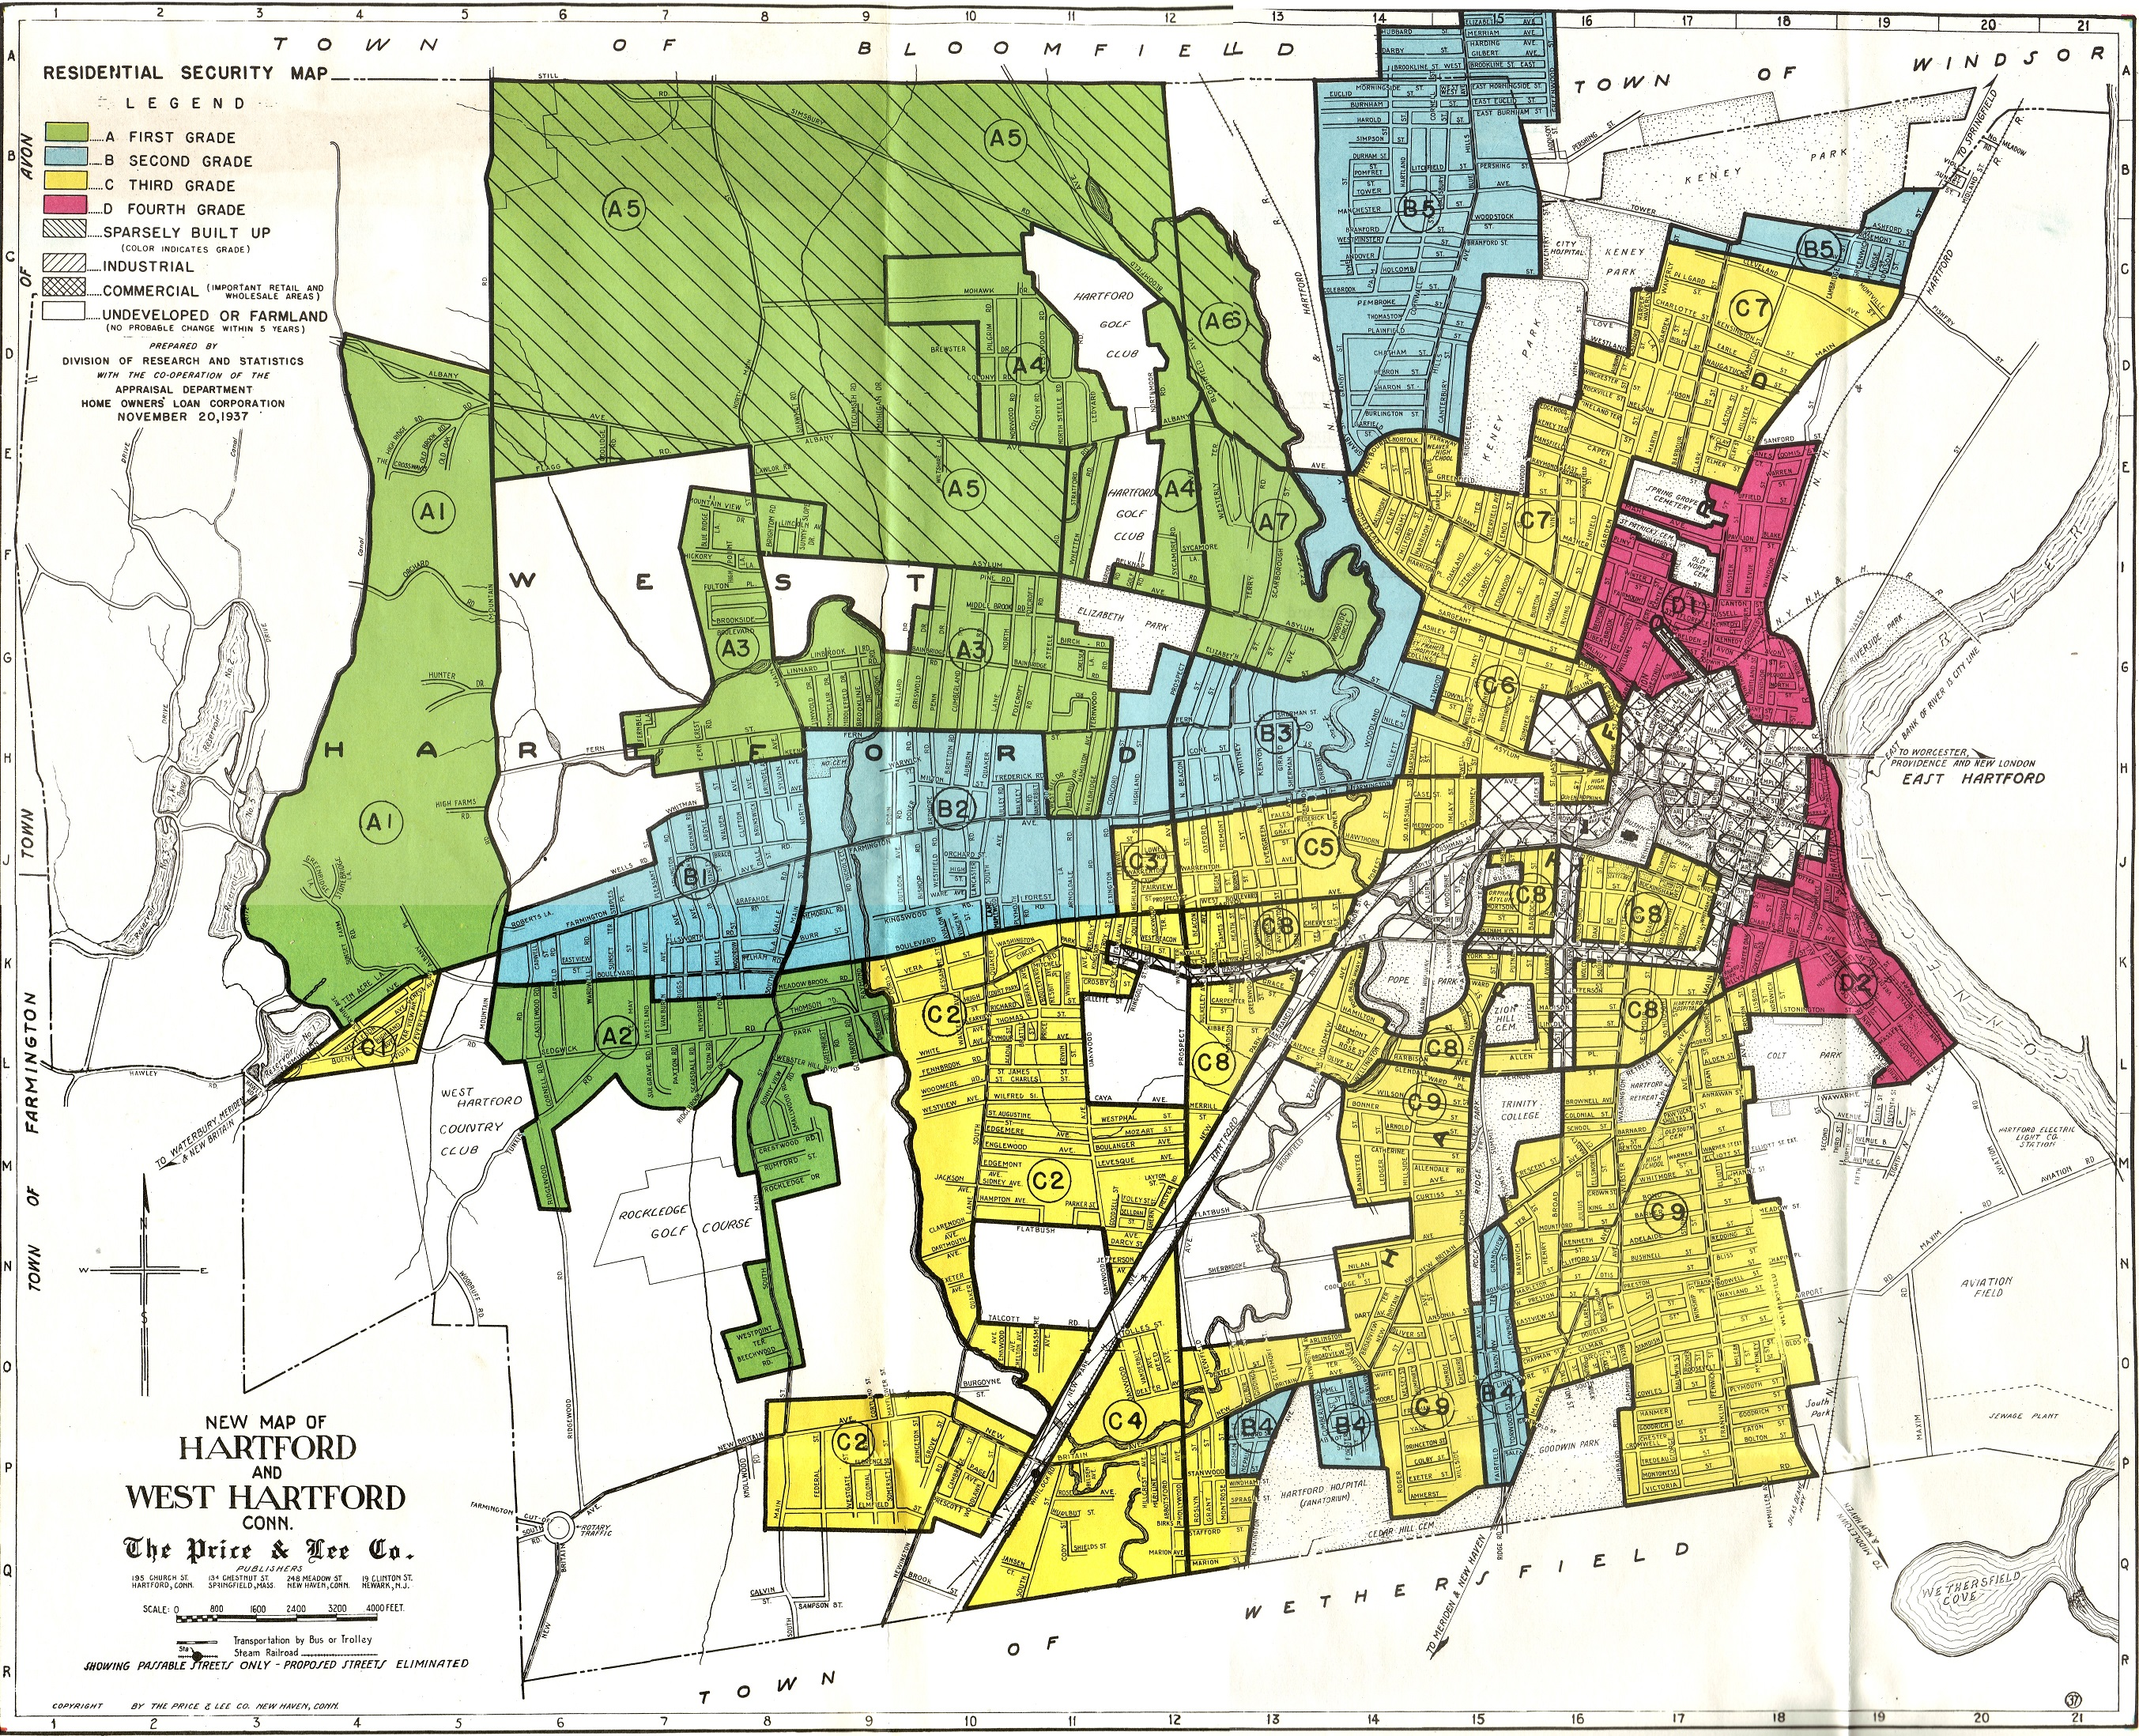 Redlining map of Hartford and West Hartford